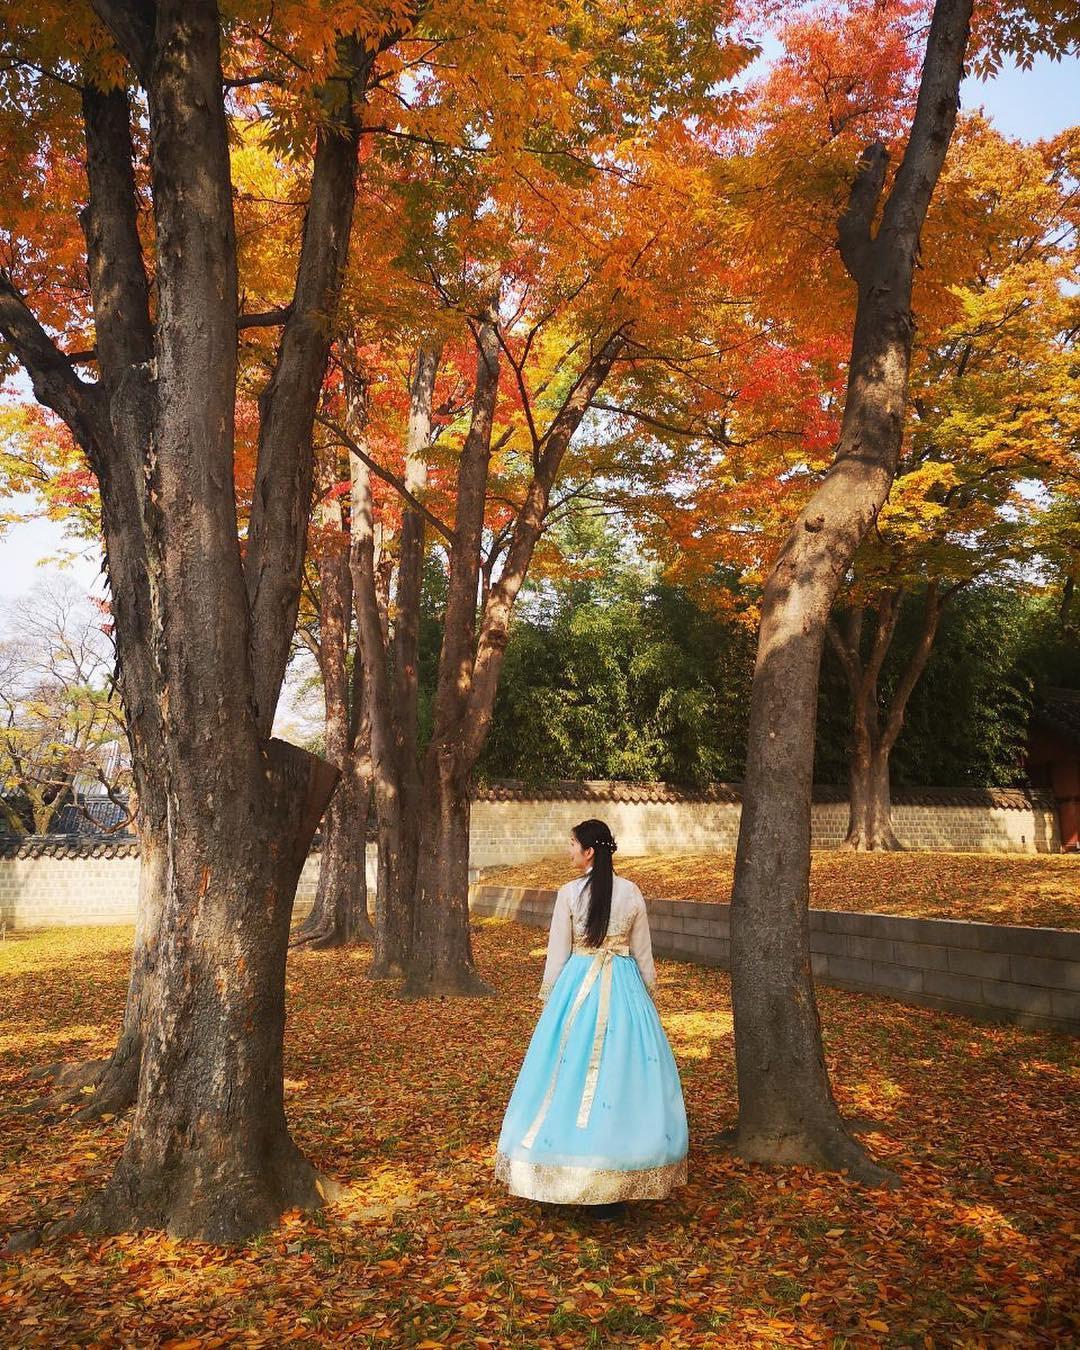 Thong thong khám phá văn hóa truyền thống tại 5 ngôi làng cổ đặc sắc nhất xứ Hàn - Ảnh 18.